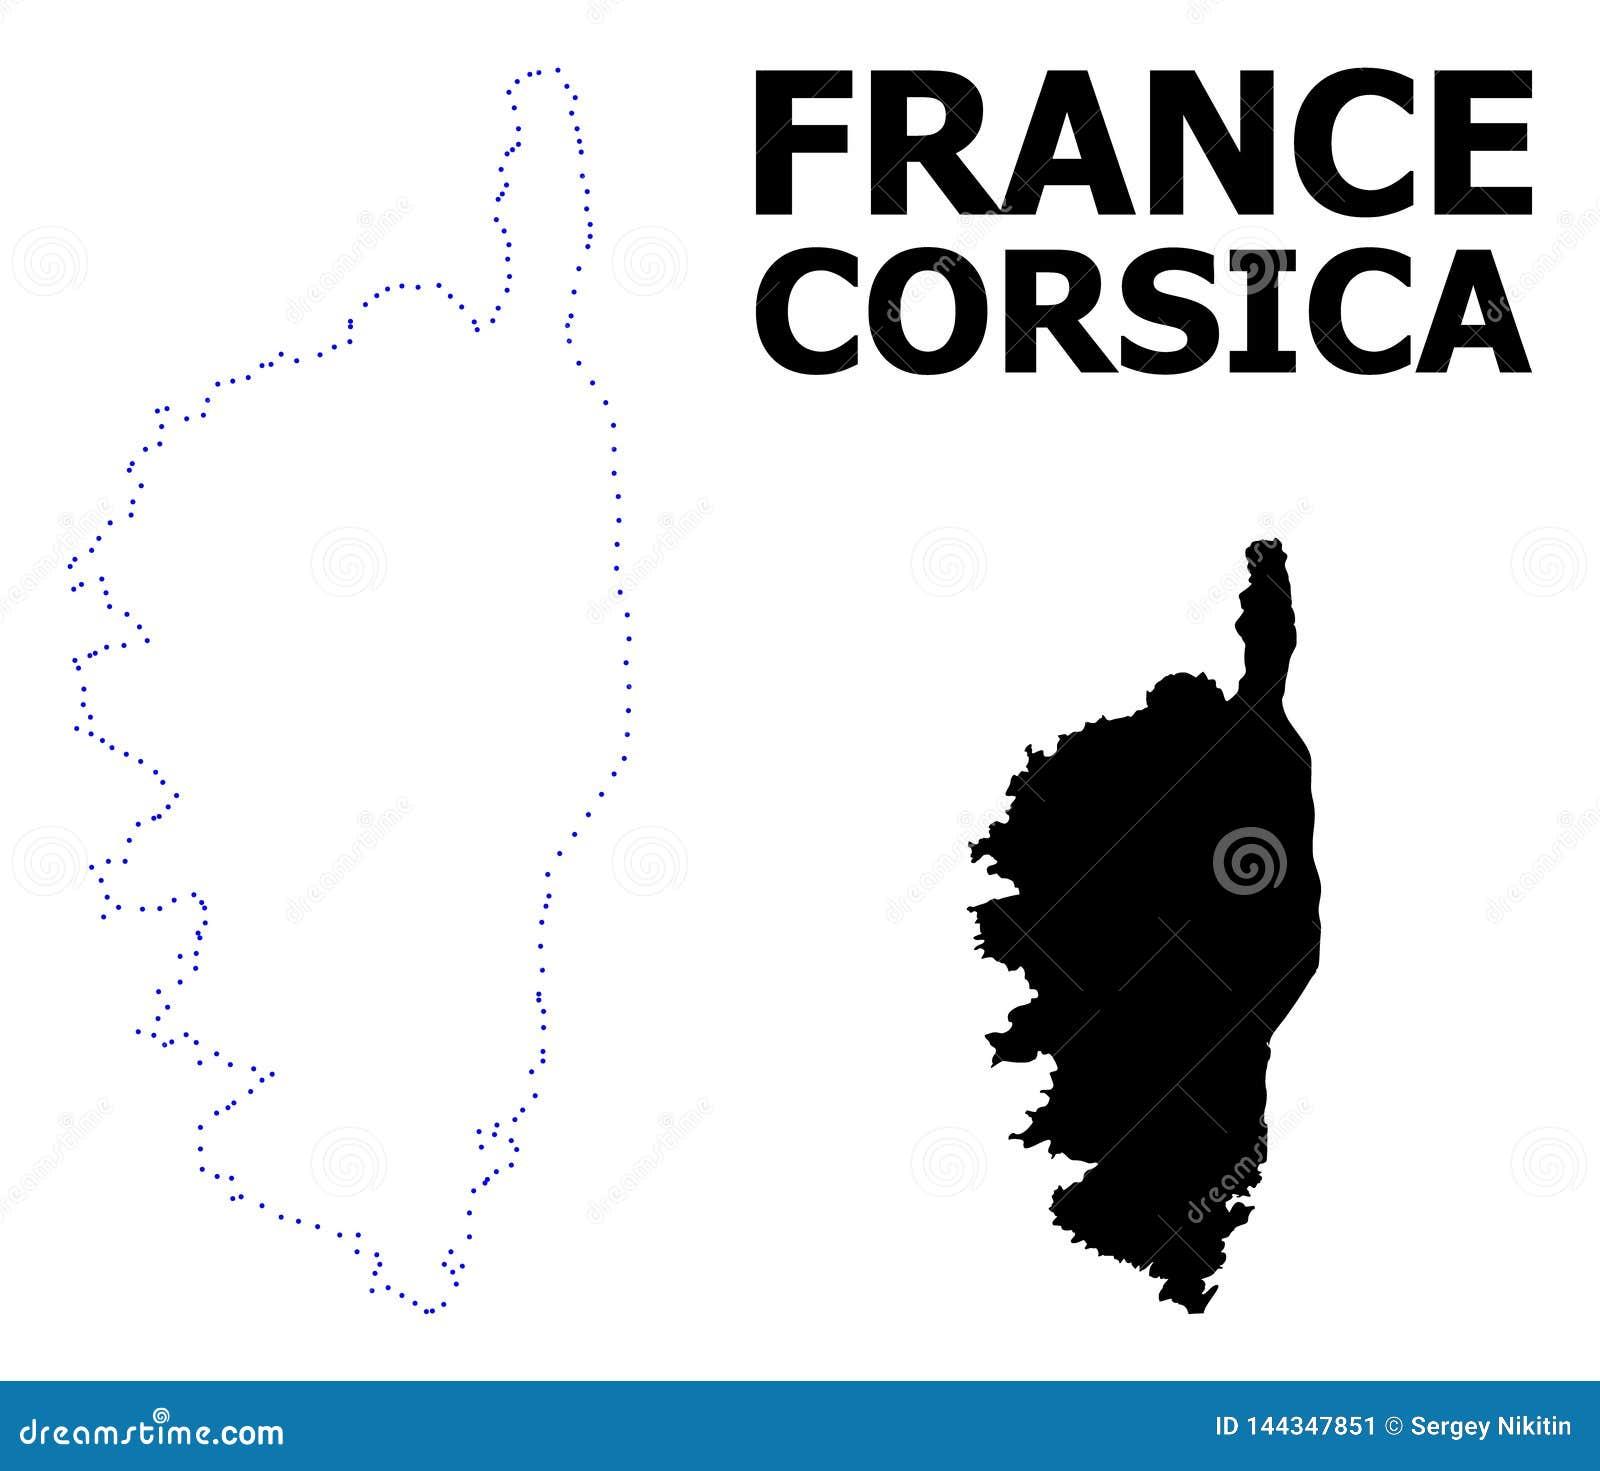 Carte Corse Fond Blanc.Carte Pointill E Par D Coupe De Vecteur De La Corse Avec Le